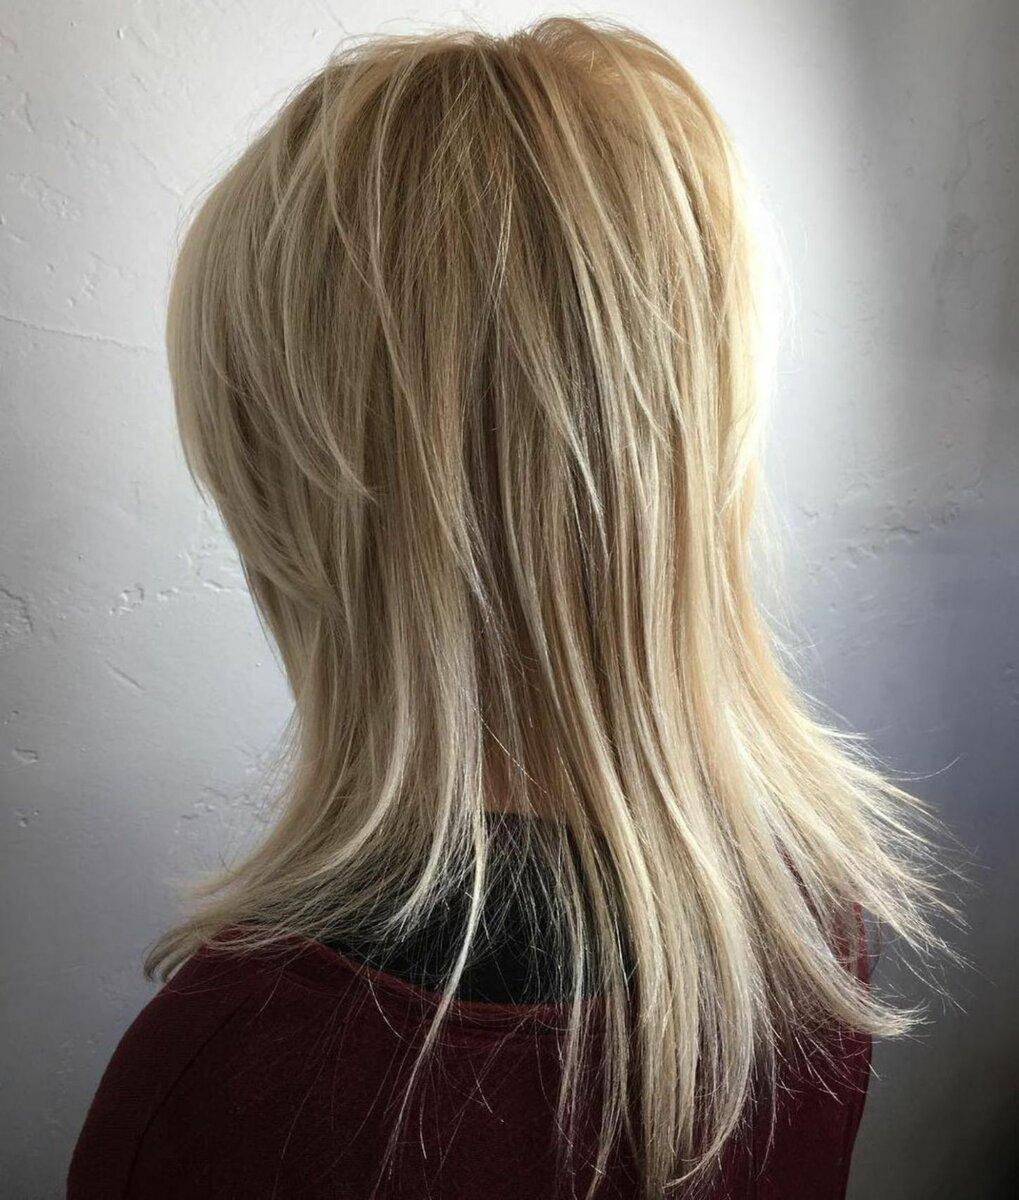 тоже стрижка эффект нарощенных волос фото материал негорючий устойчивый